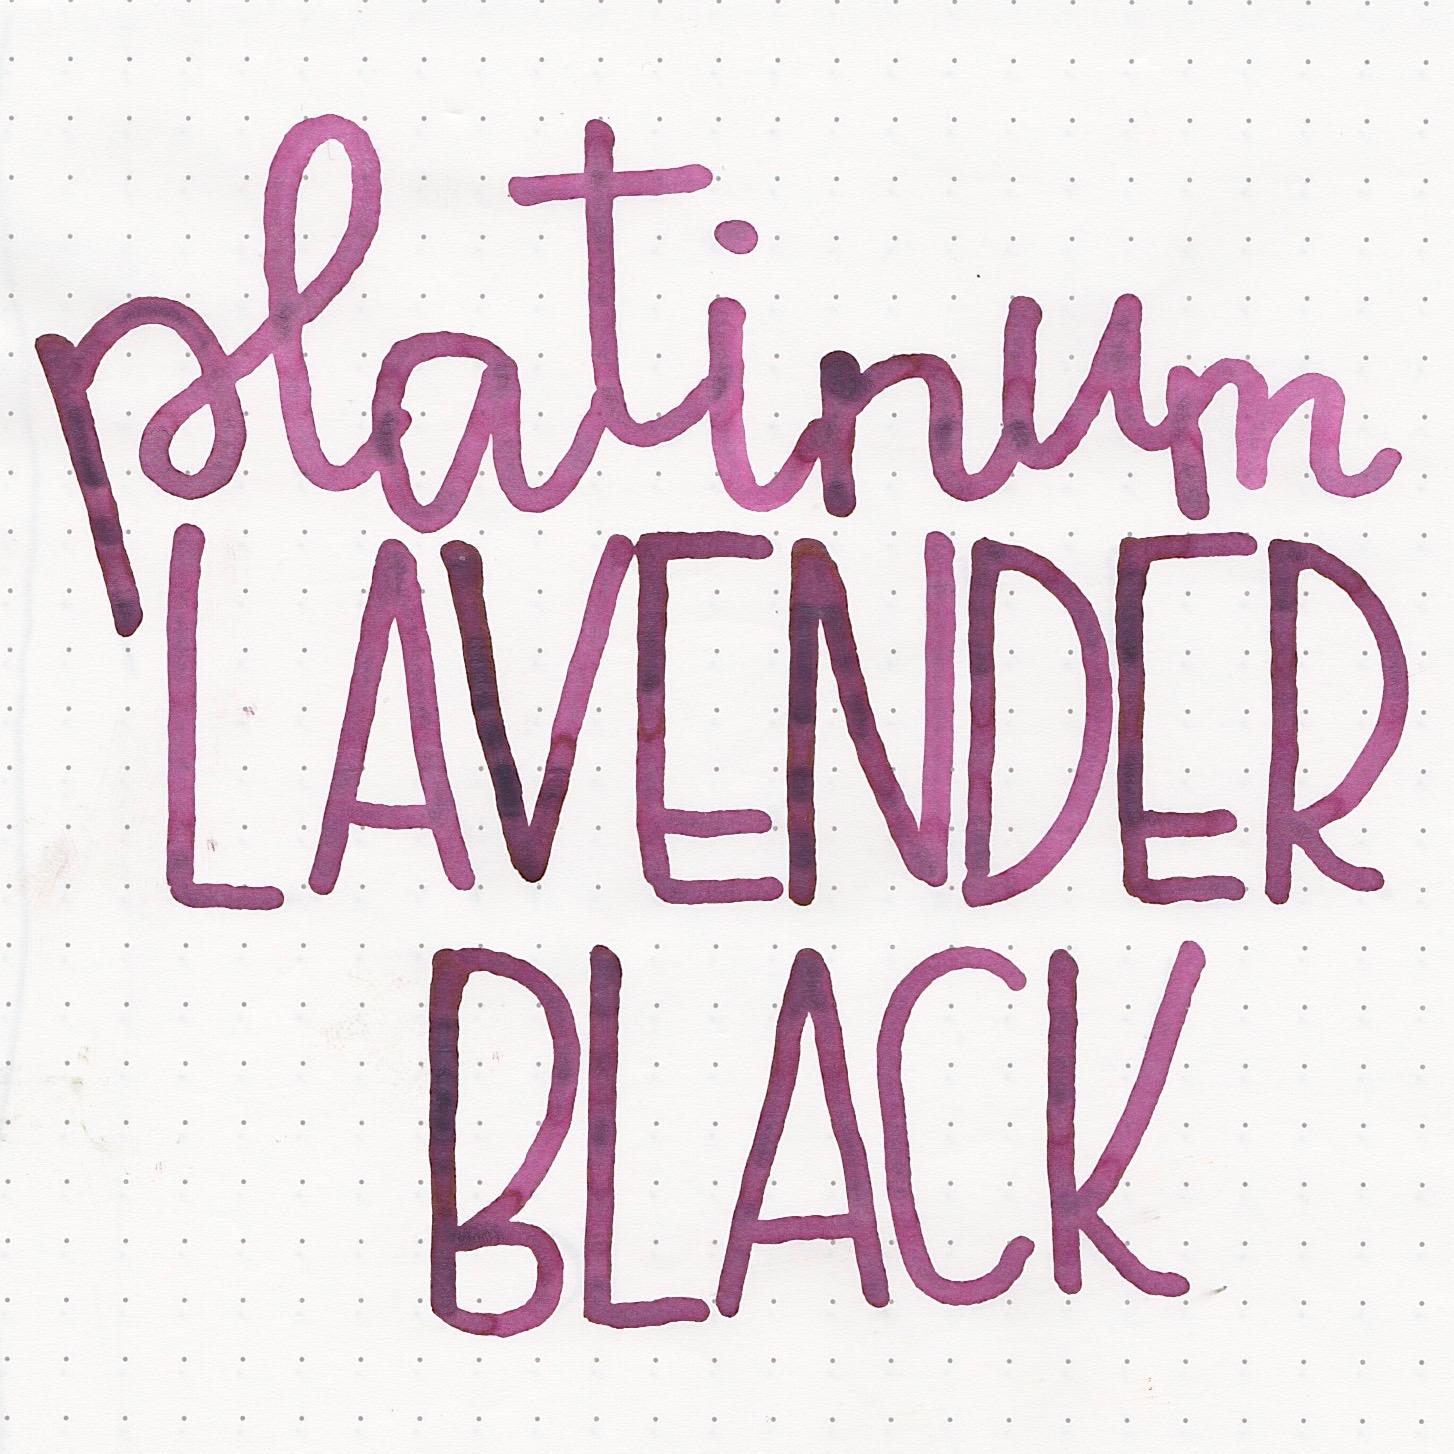 PlatinumLavenderBlack - 8.jpg